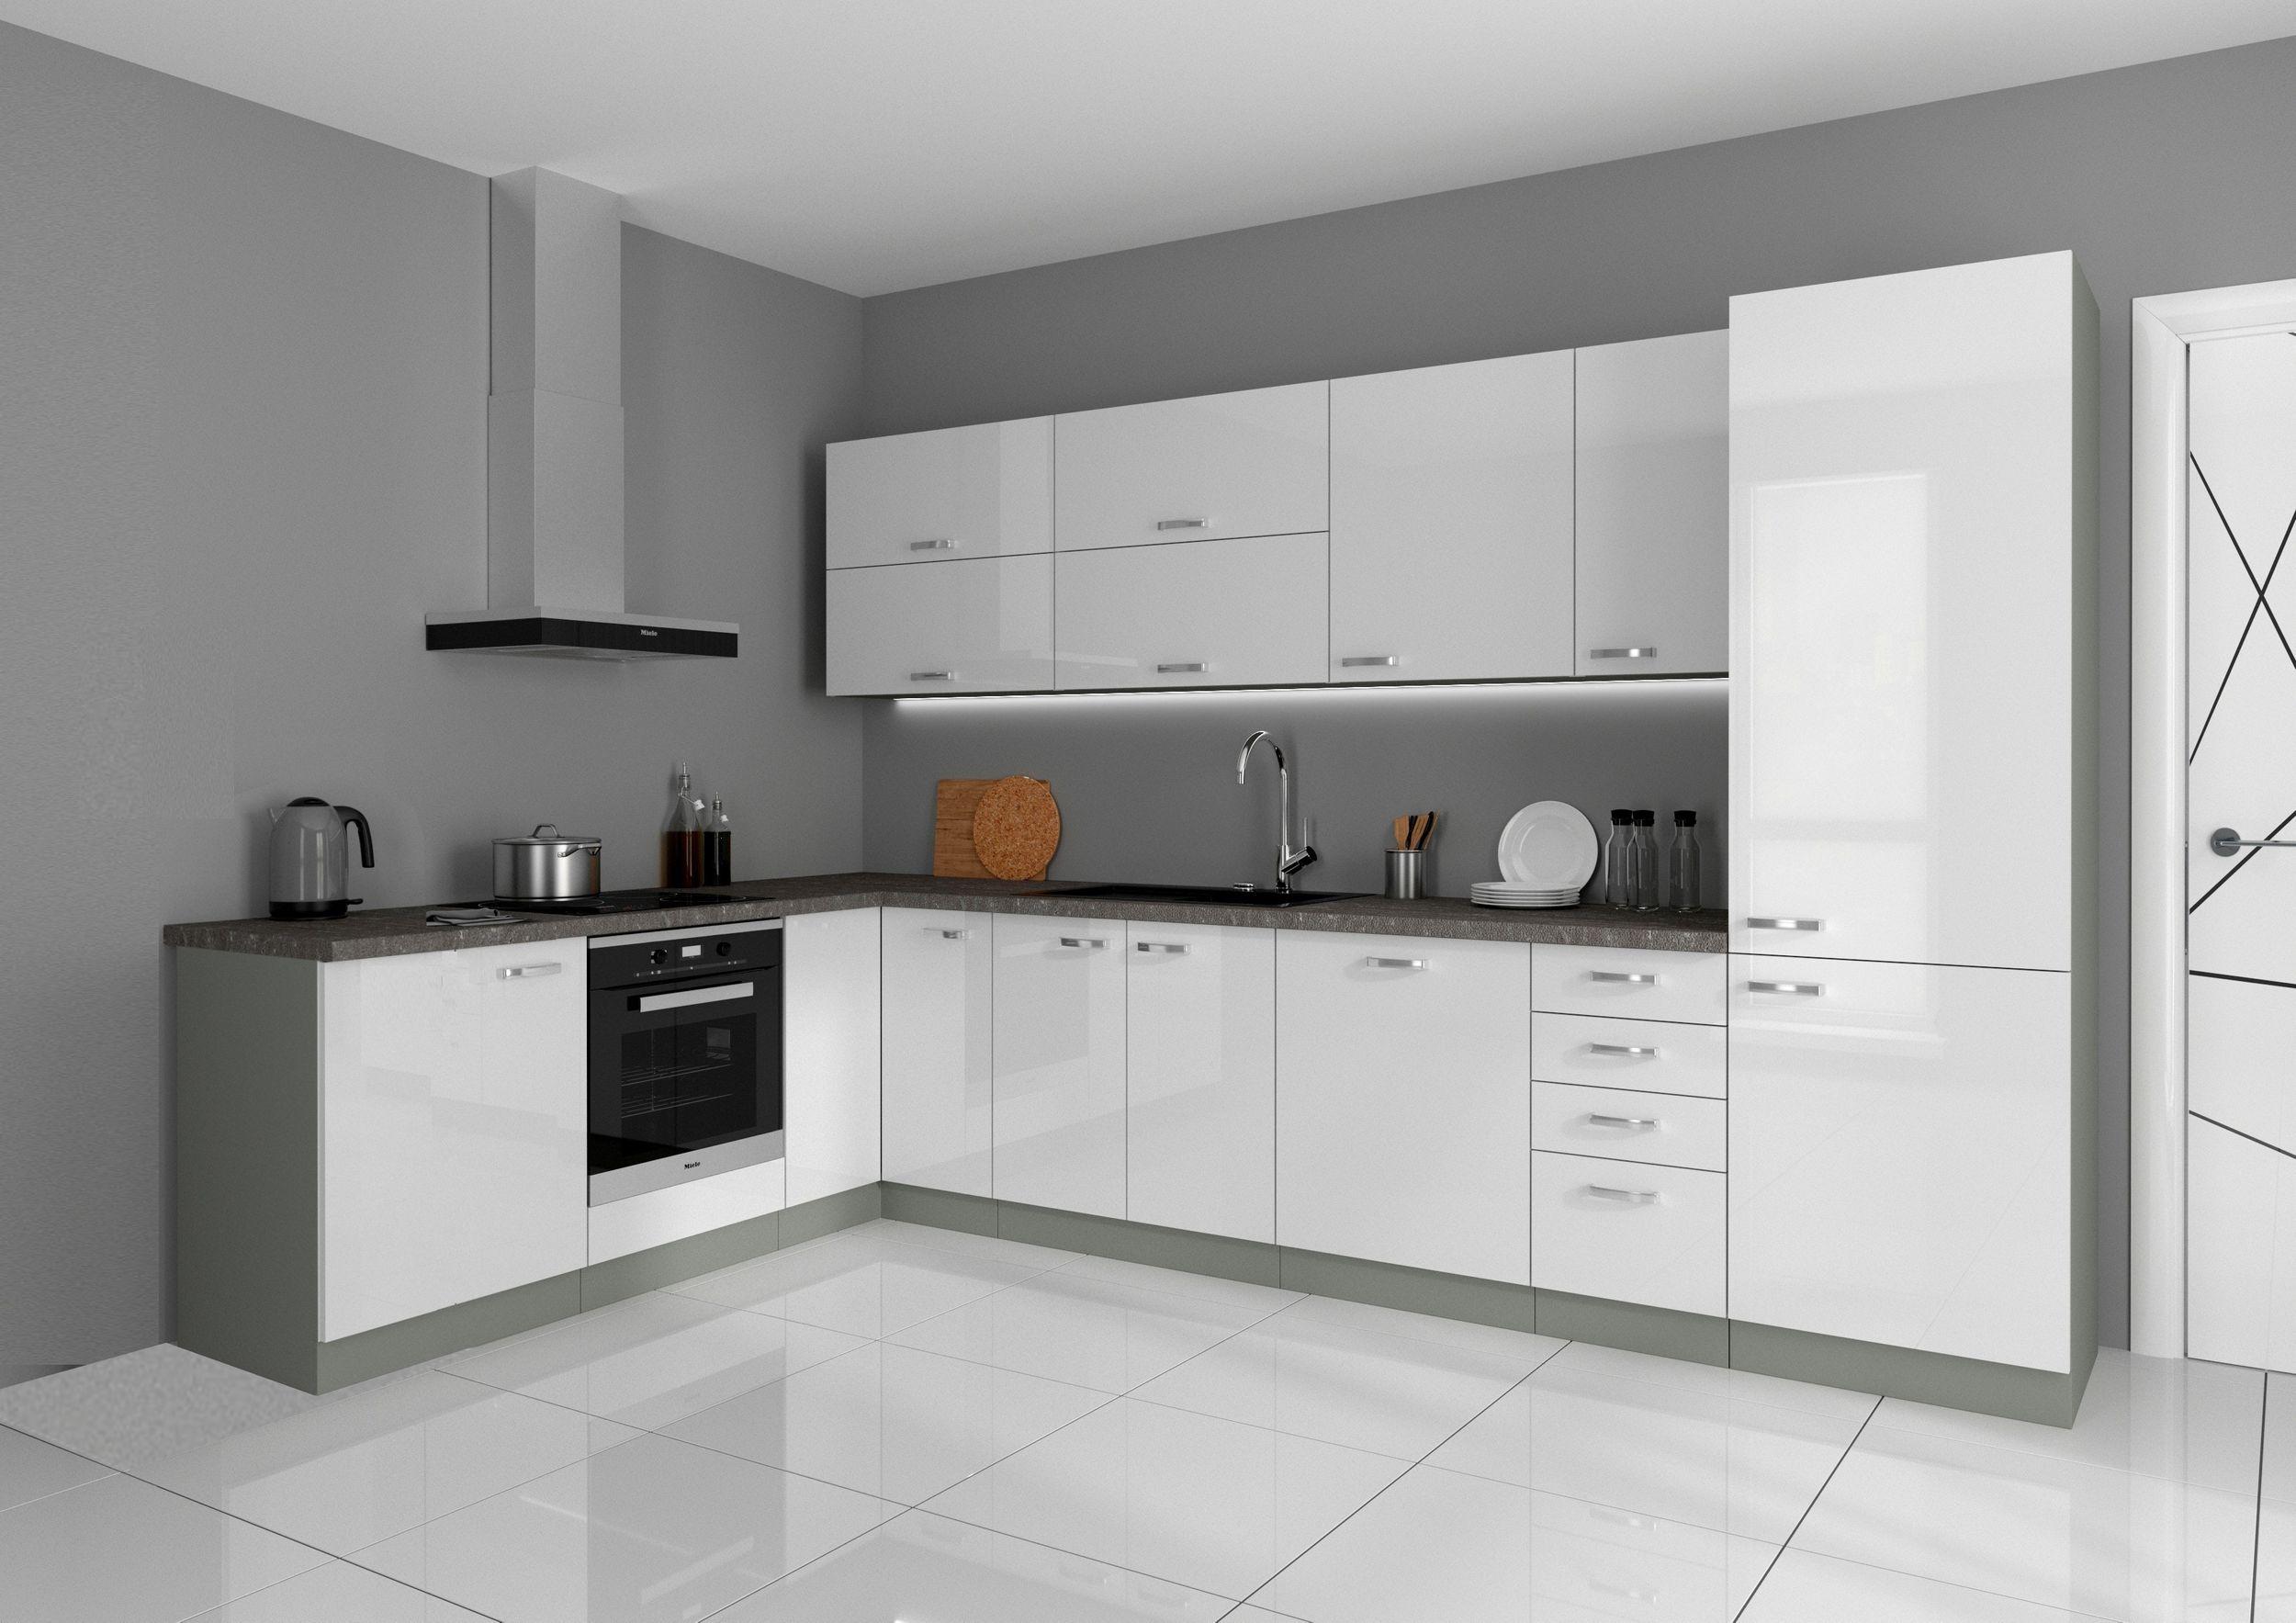 Full Size of Kleine Einbauküche Kaufen Kleine Einbauküchen Billig Kleine Einbauküche über Eck Kleine Einbauküche Mit Waschmaschine Küche Kleine Einbauküche